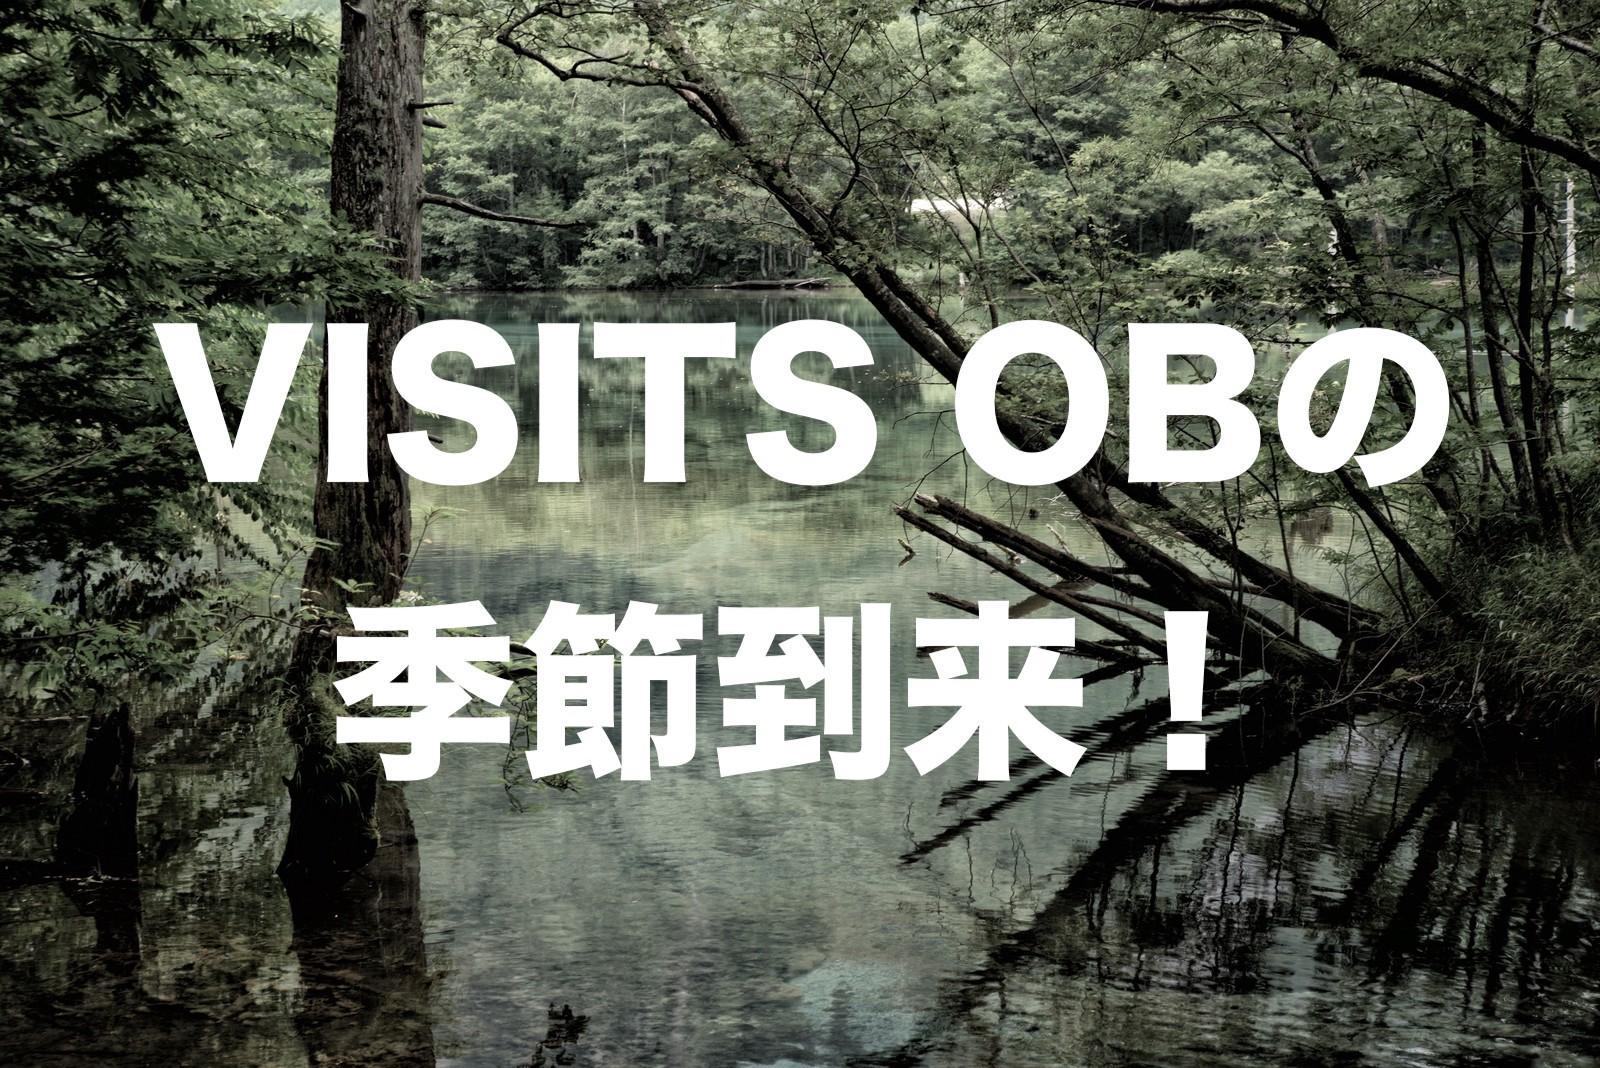 VISITS OBの使い方を企業や先輩社員に教えます。ノウハウ多数です。